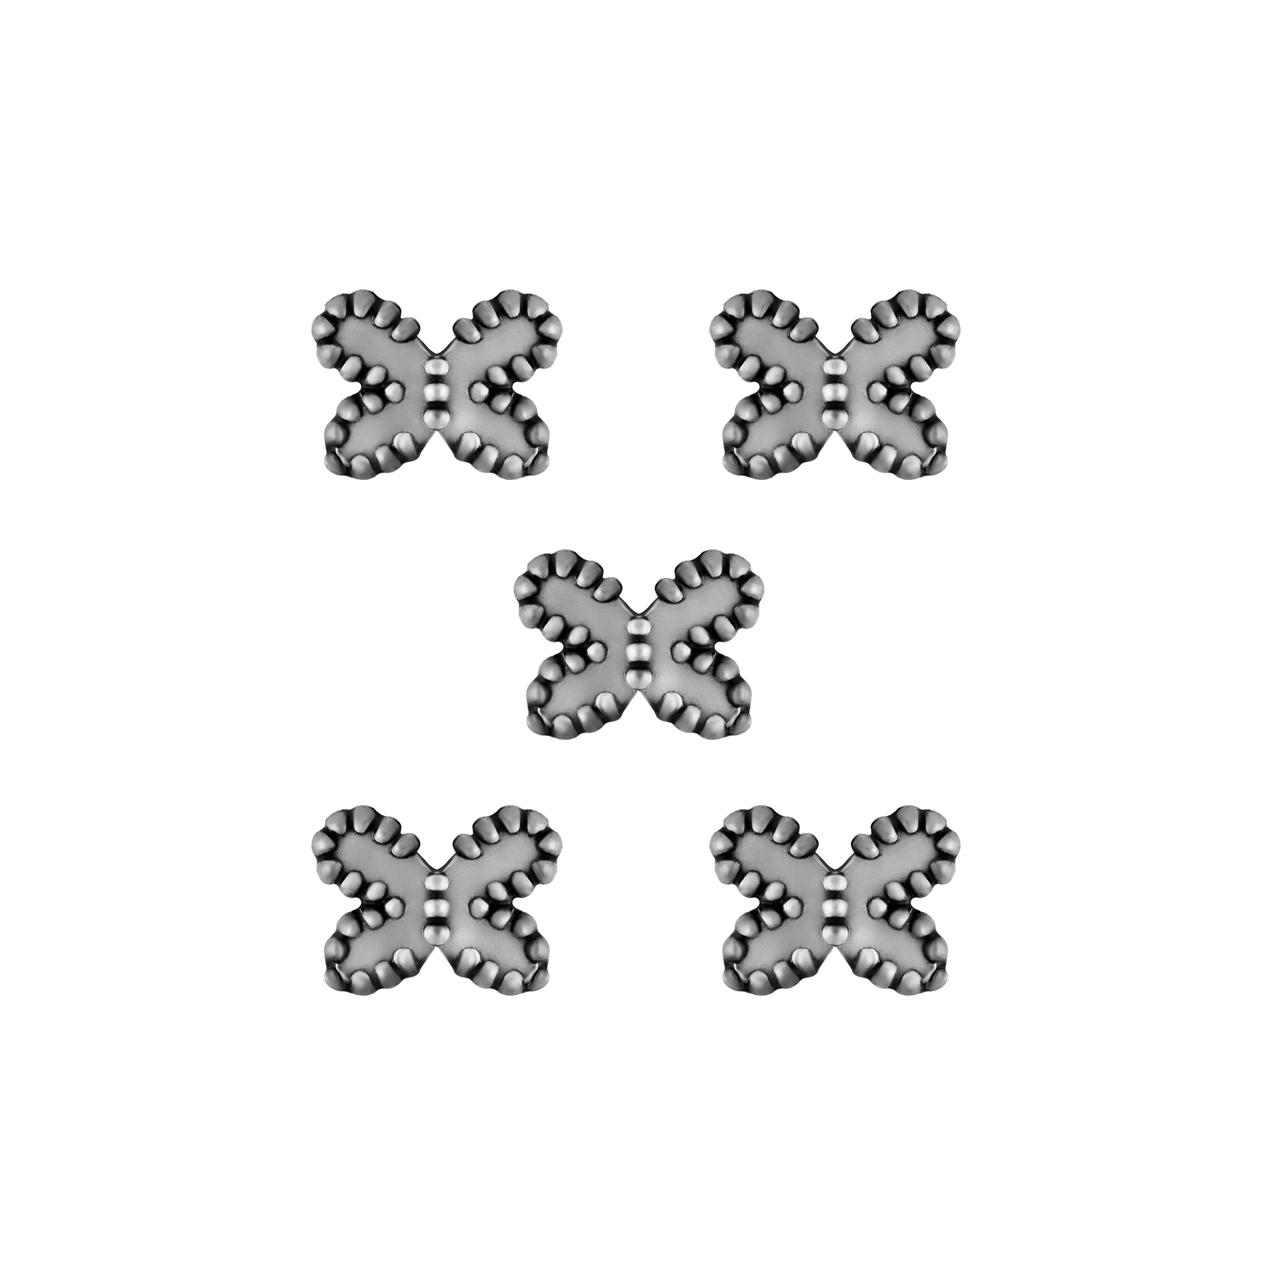 پلاک دستبند اقلیمه کد RS77 بسته 5 عددی -  - 3